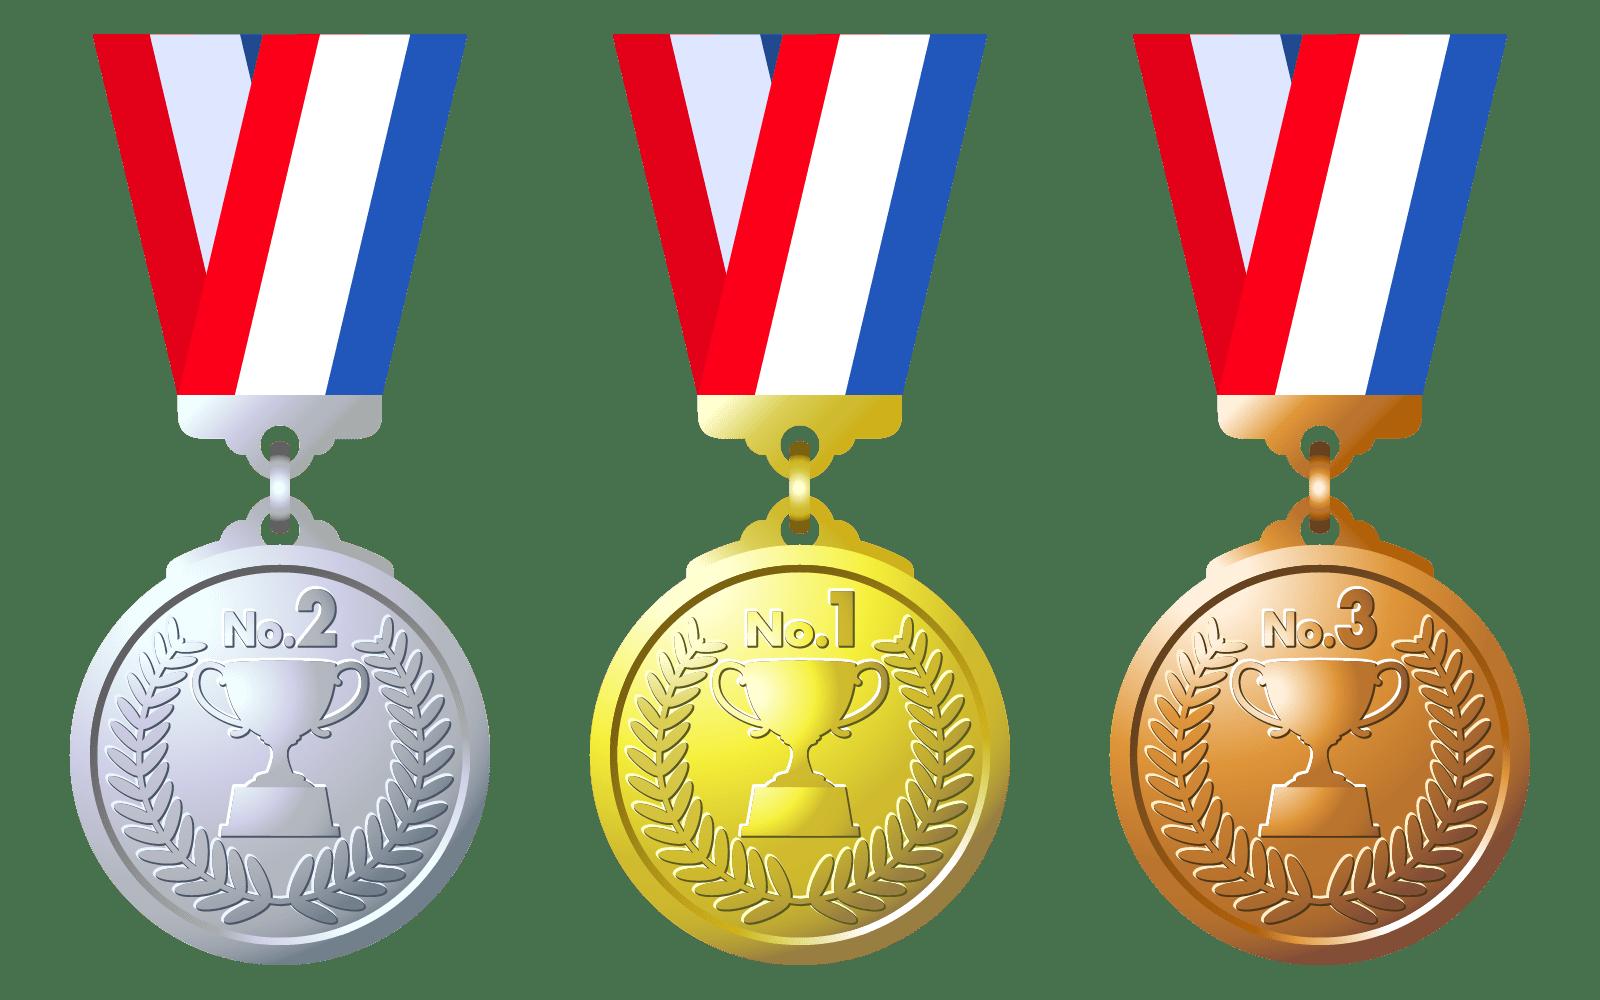 夏季オリンピックで日本が獲得したメダル数